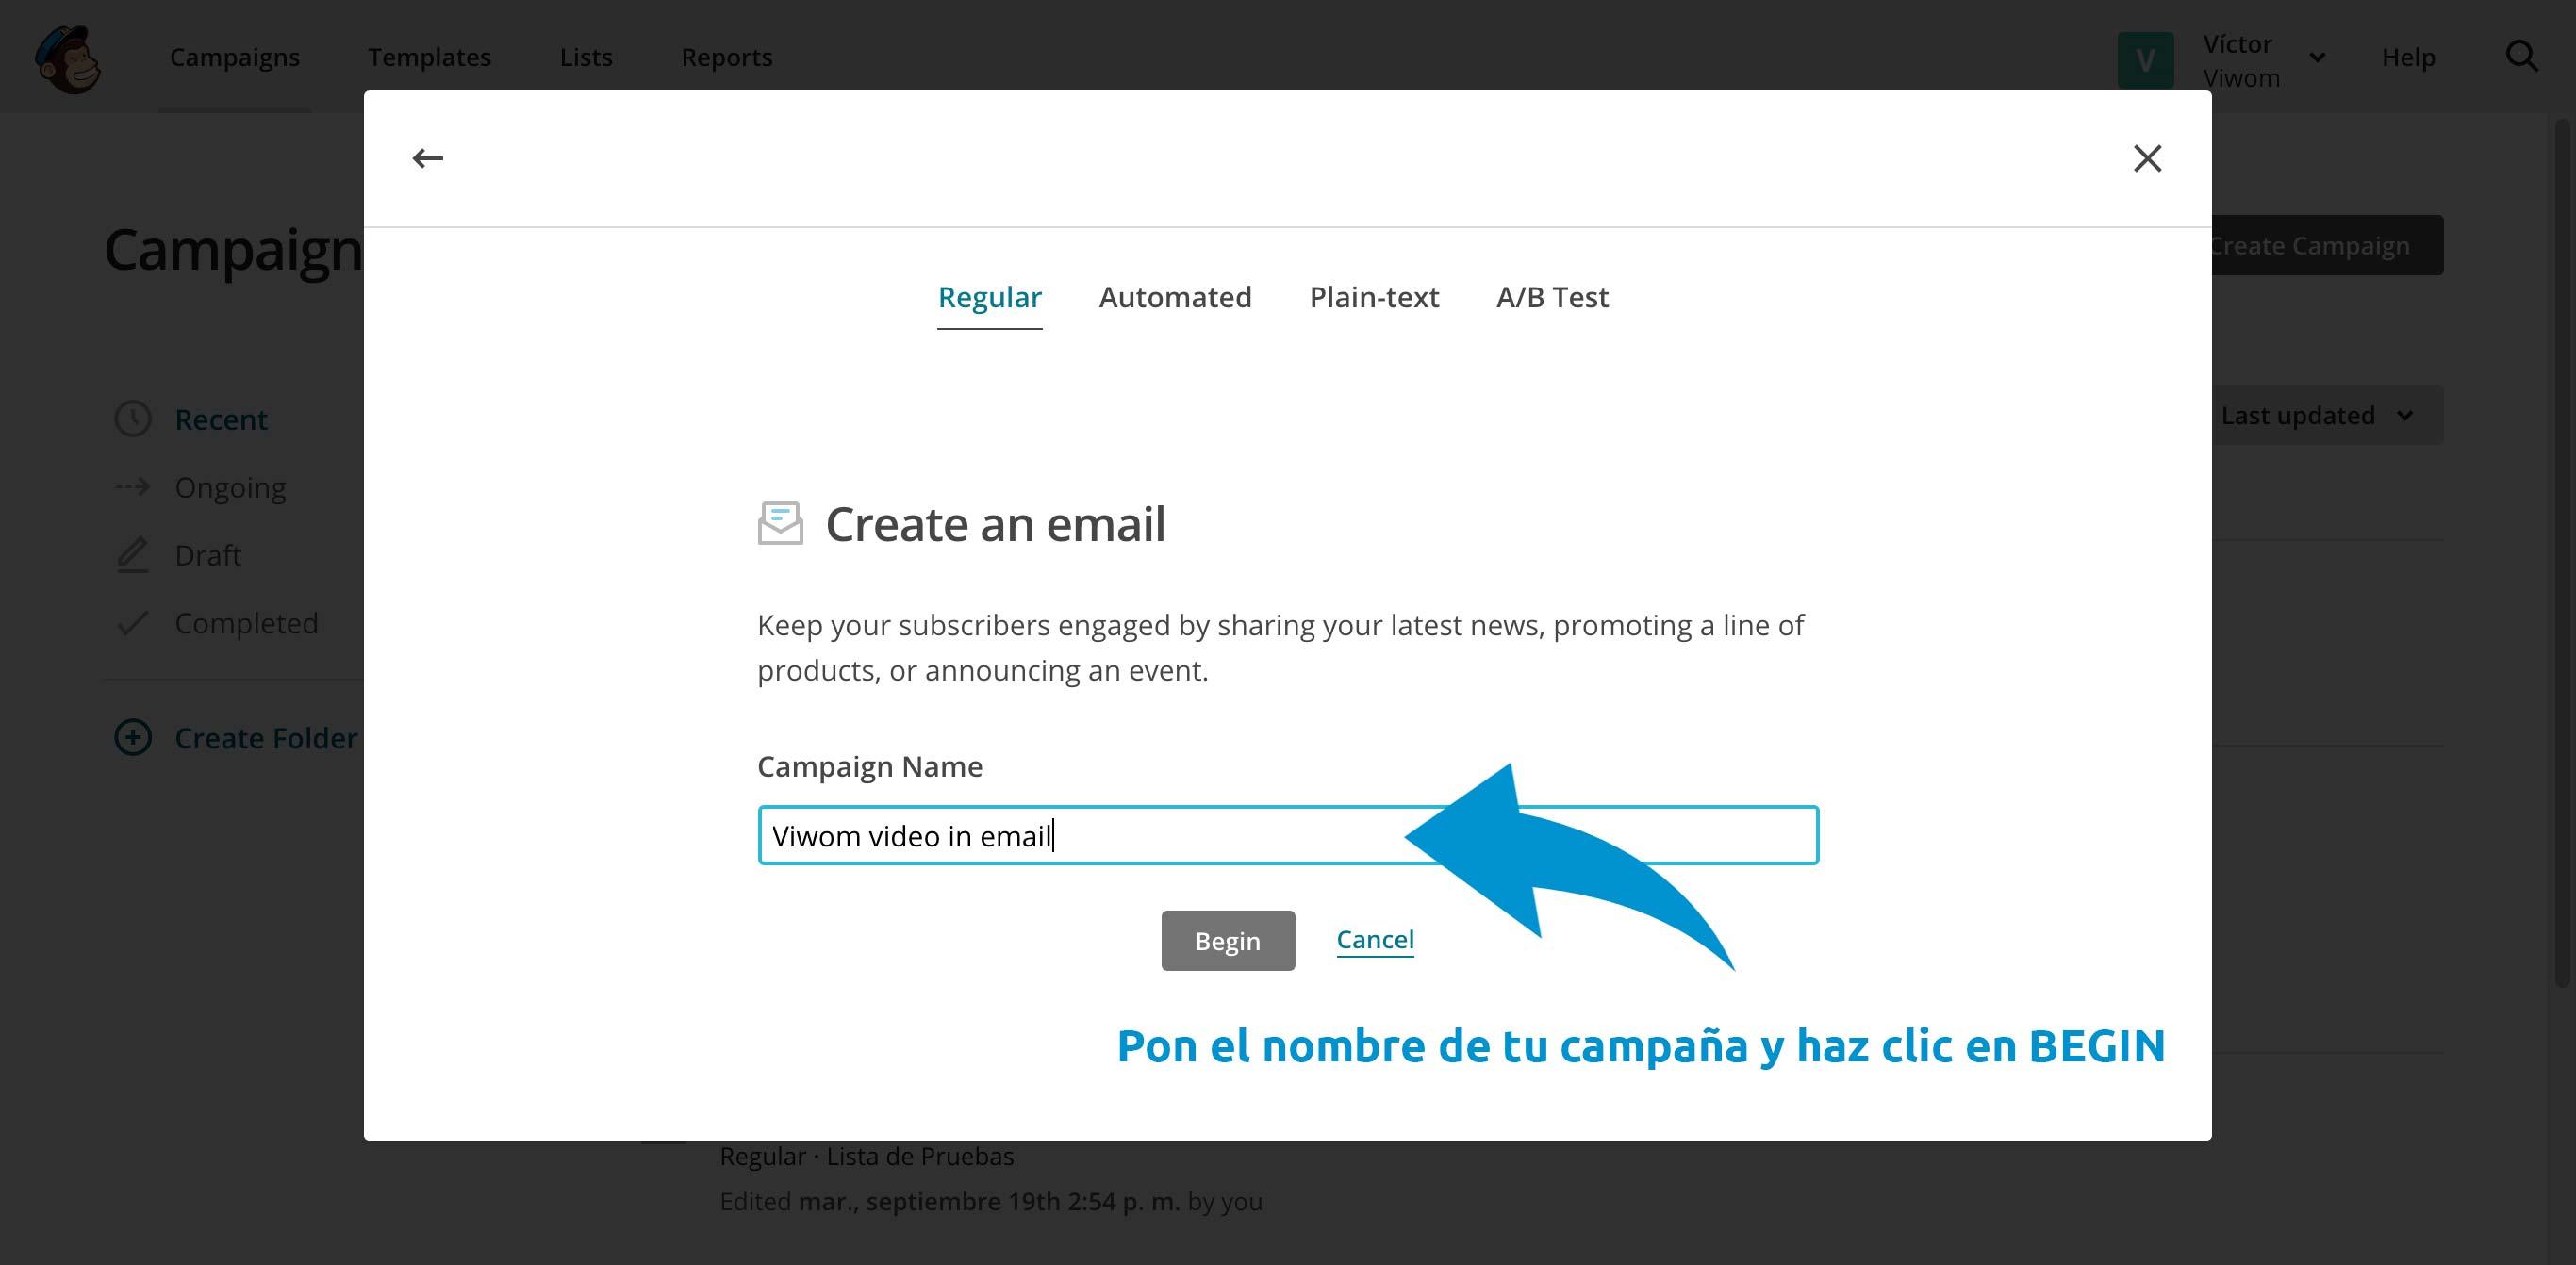 Pon el nombre de tu campaña